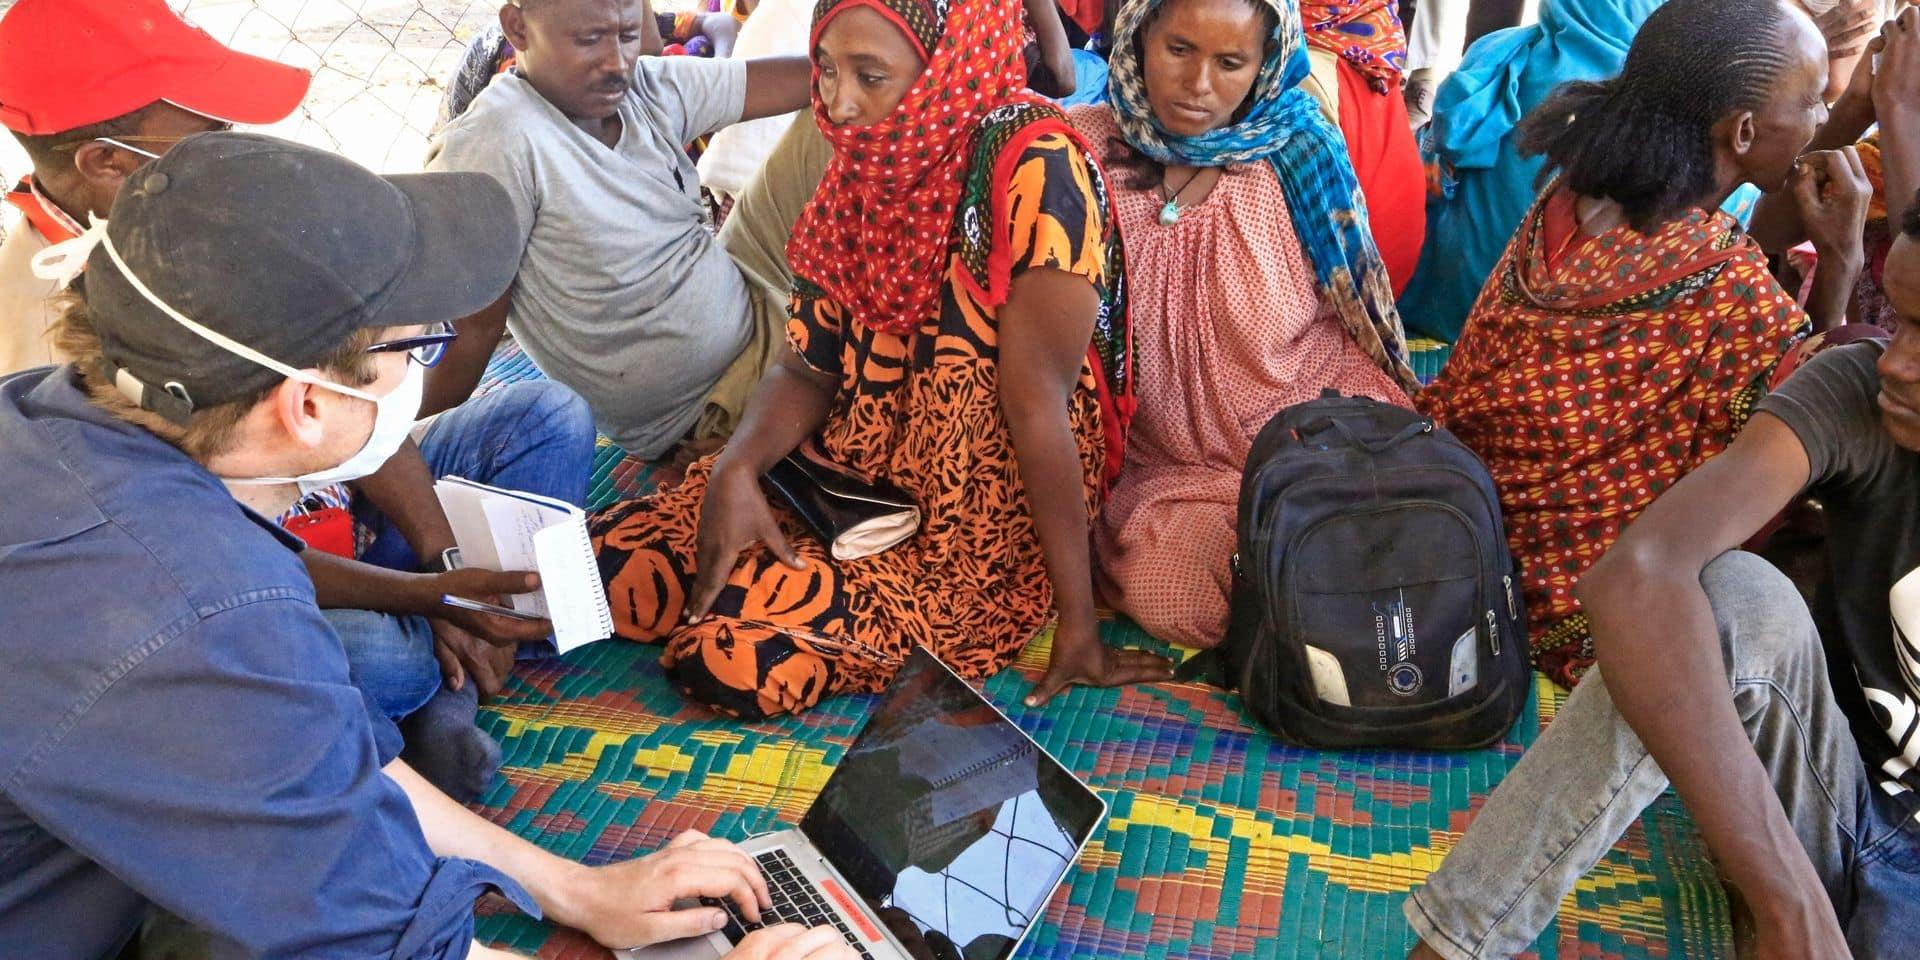 Conflit au Tigré : quatre millions d'euros belges pour un projet CICR d'aide aux victimes au Tigré